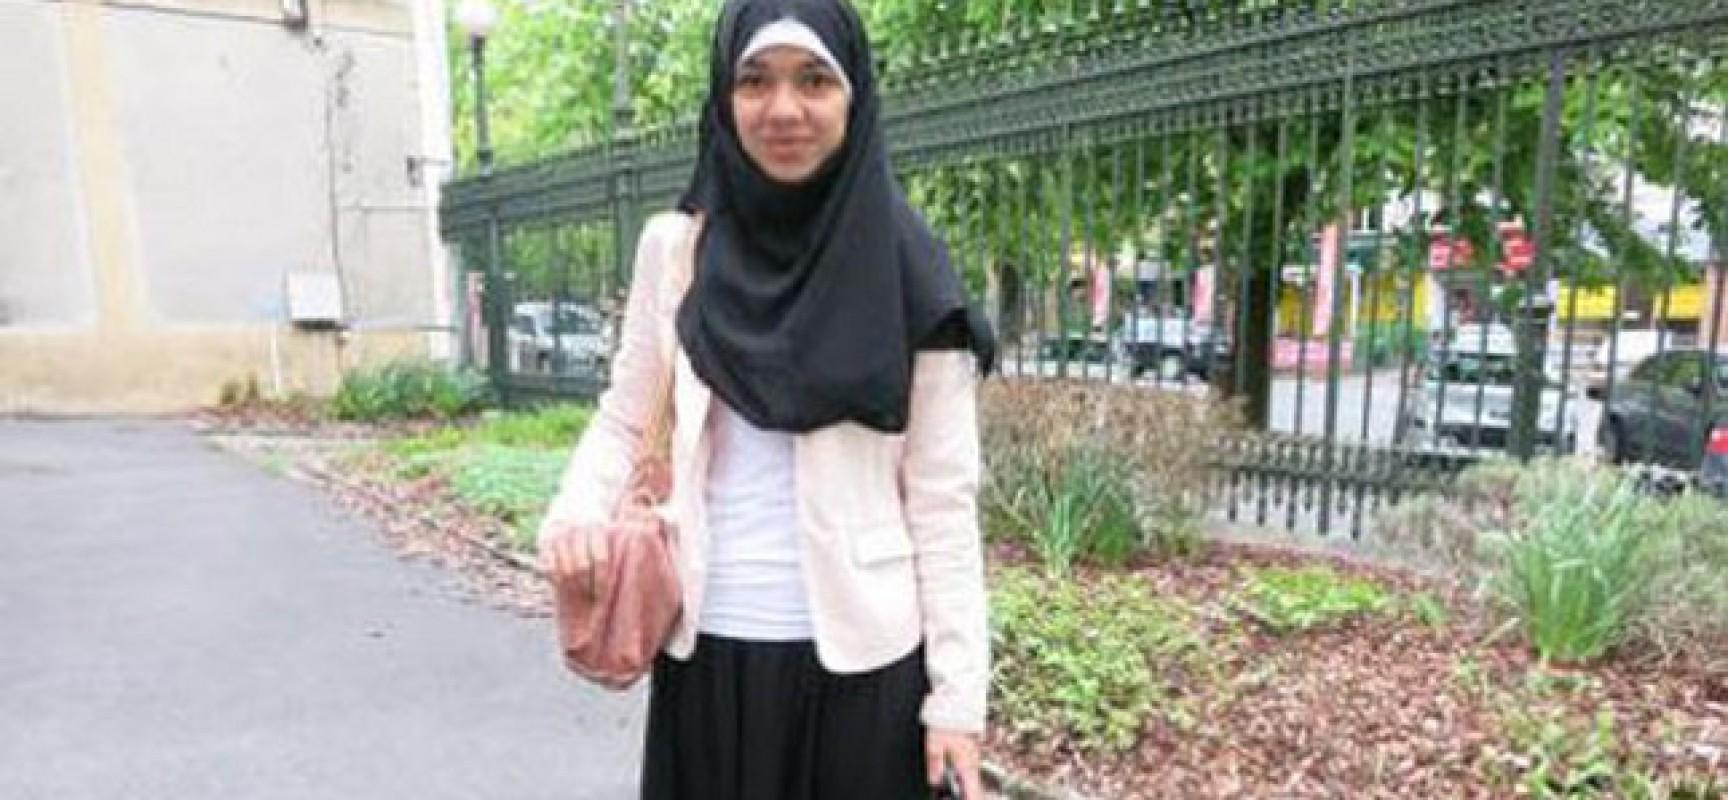 Charleville-Mézières: Exclue du collège pour une jupe trop longue